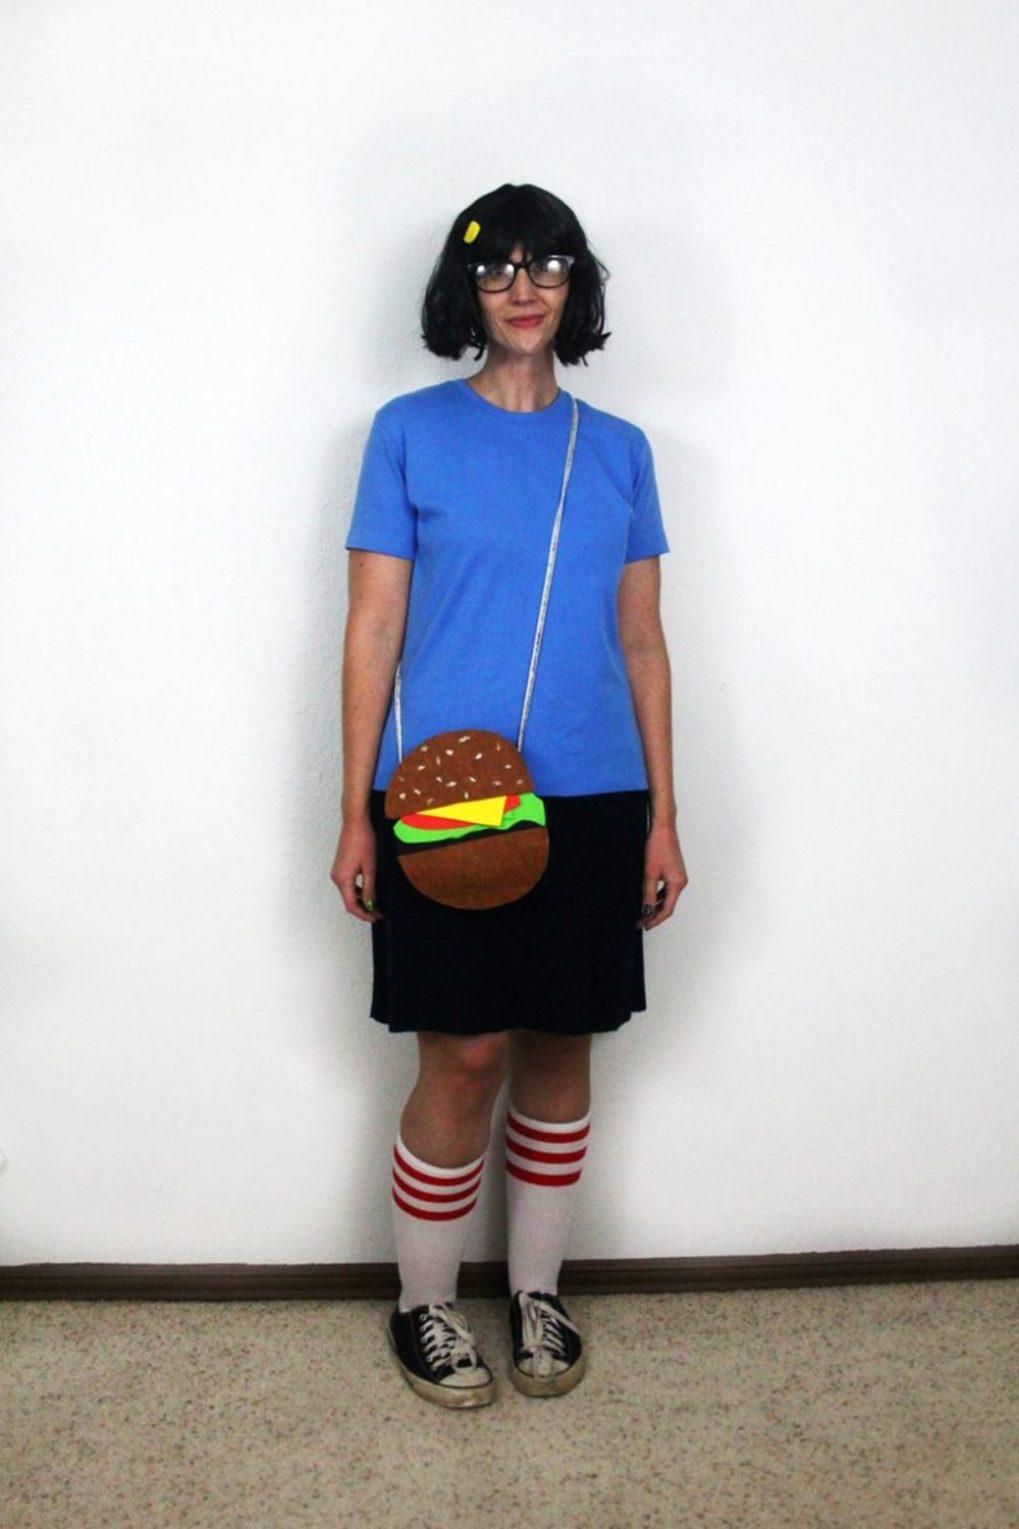 tina-belcher-costume-halloween-bobs-burgers-05